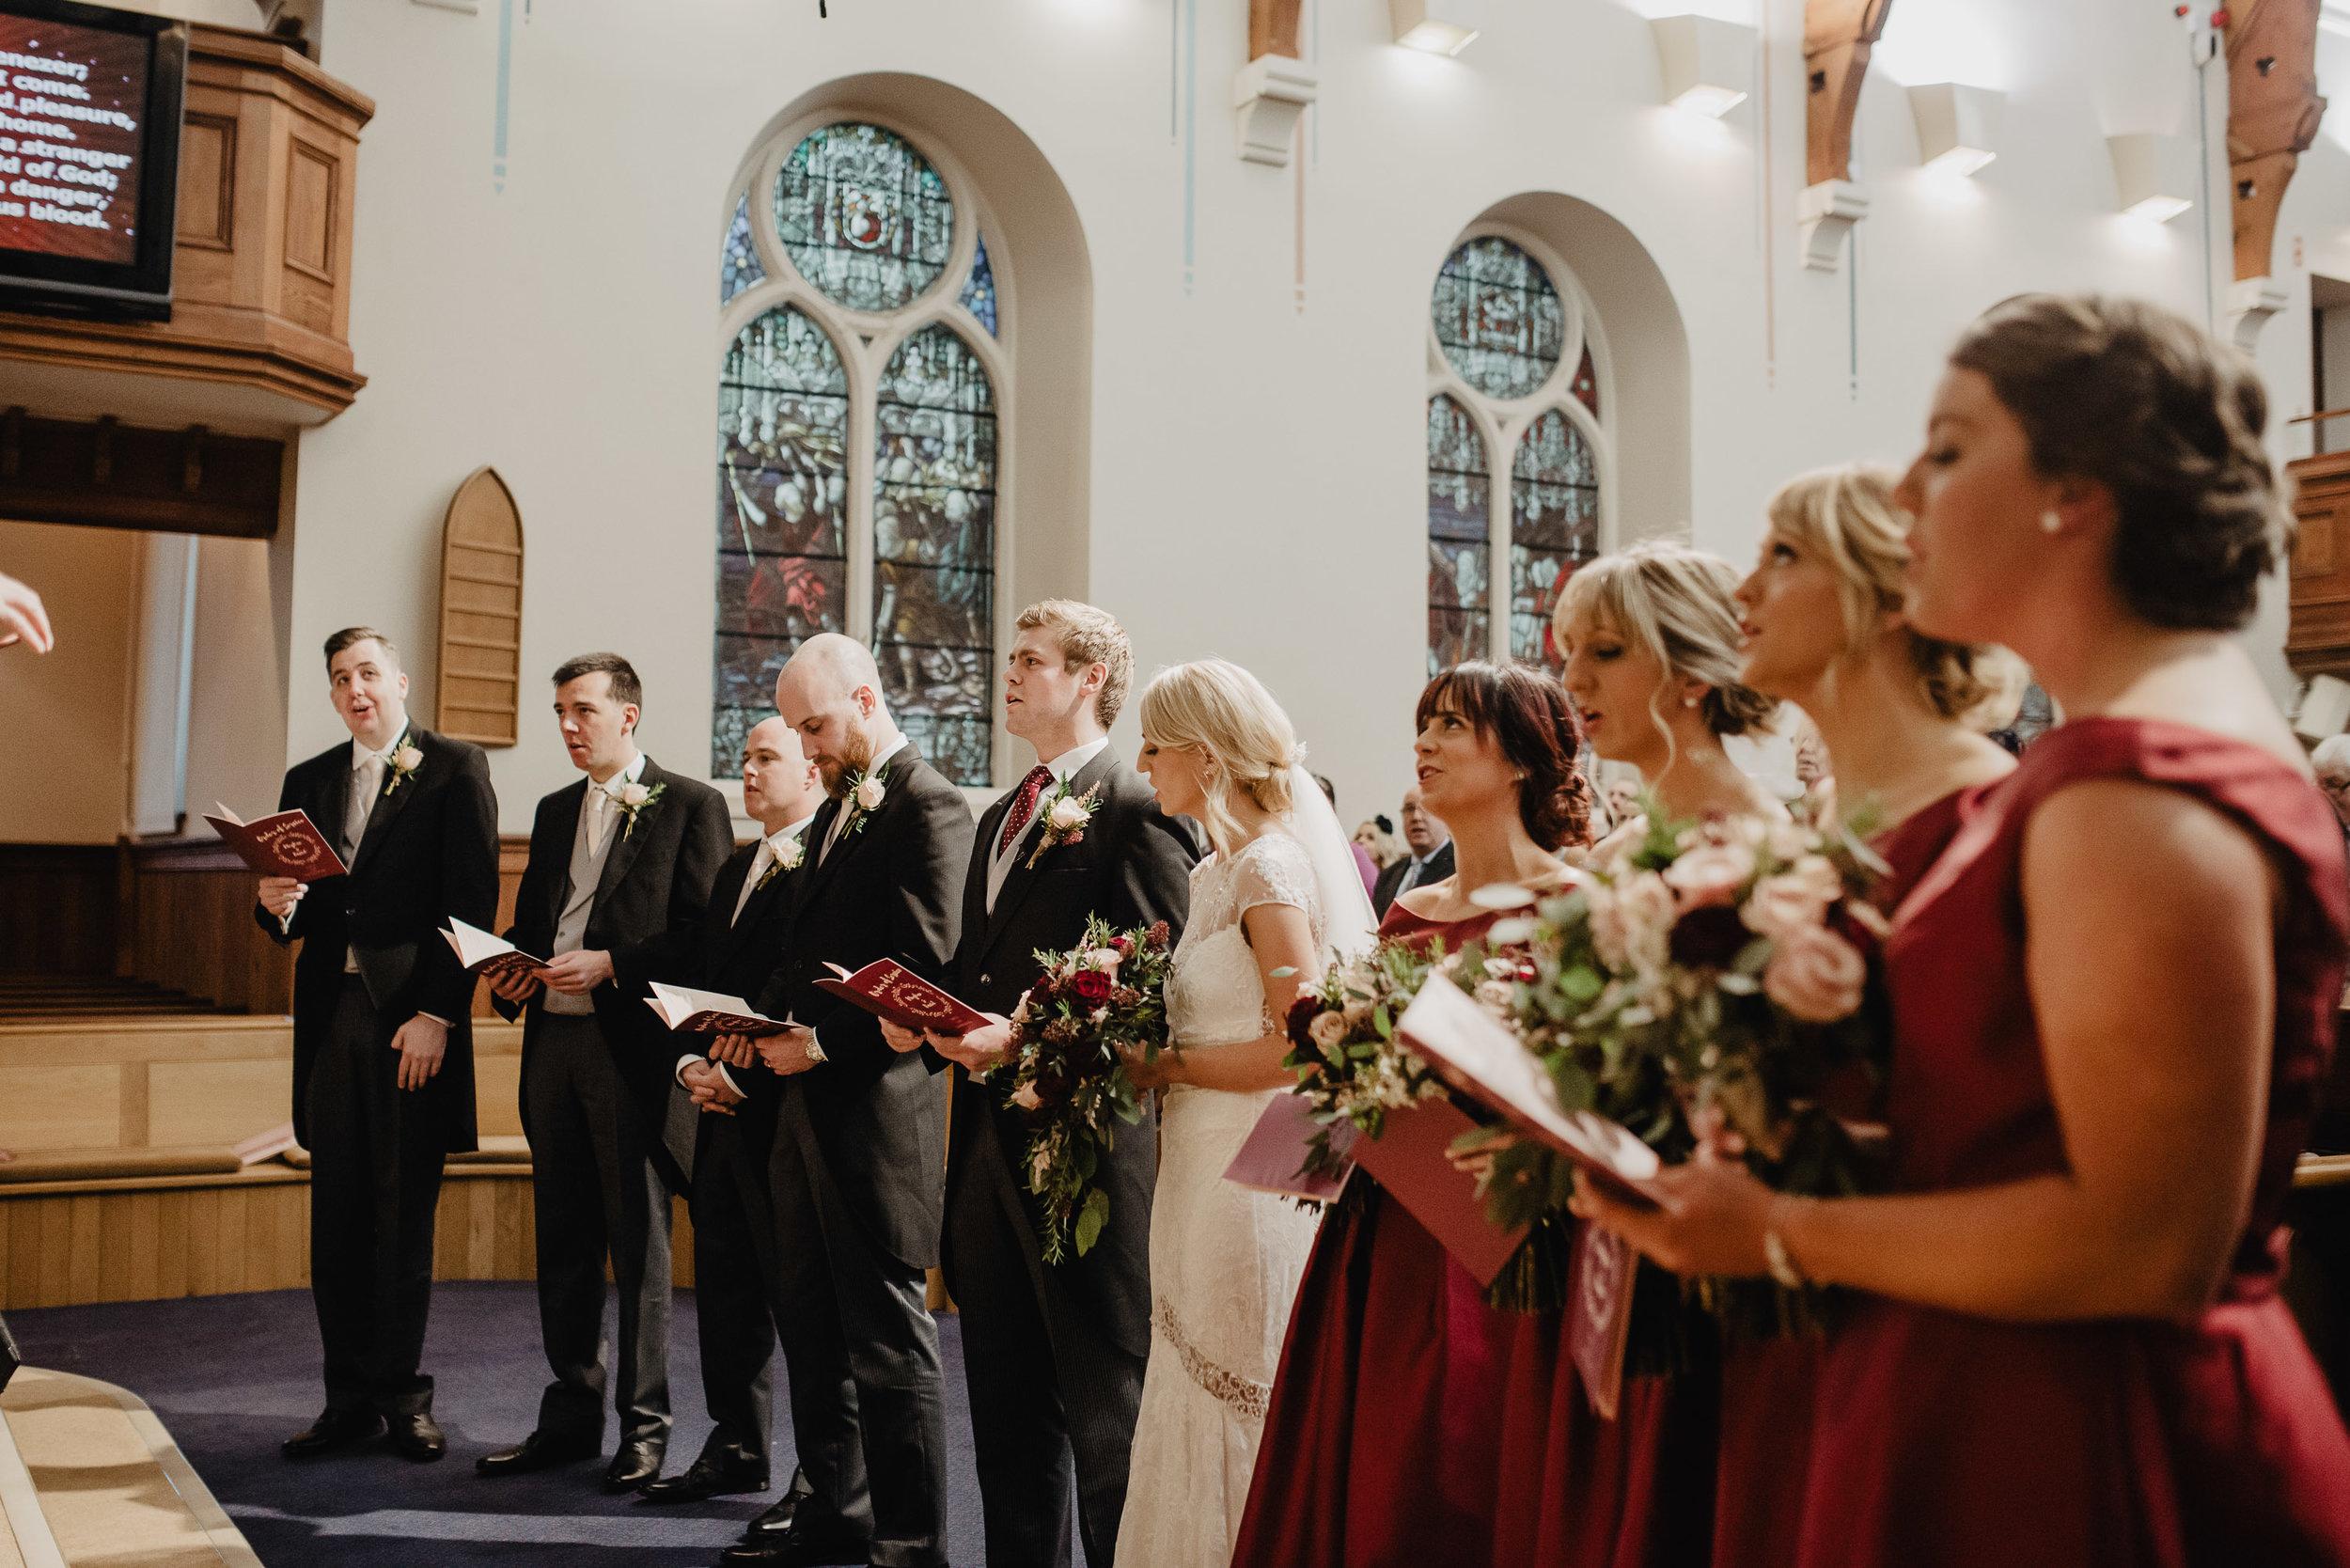 larchfield estate wedding photos-43.jpg